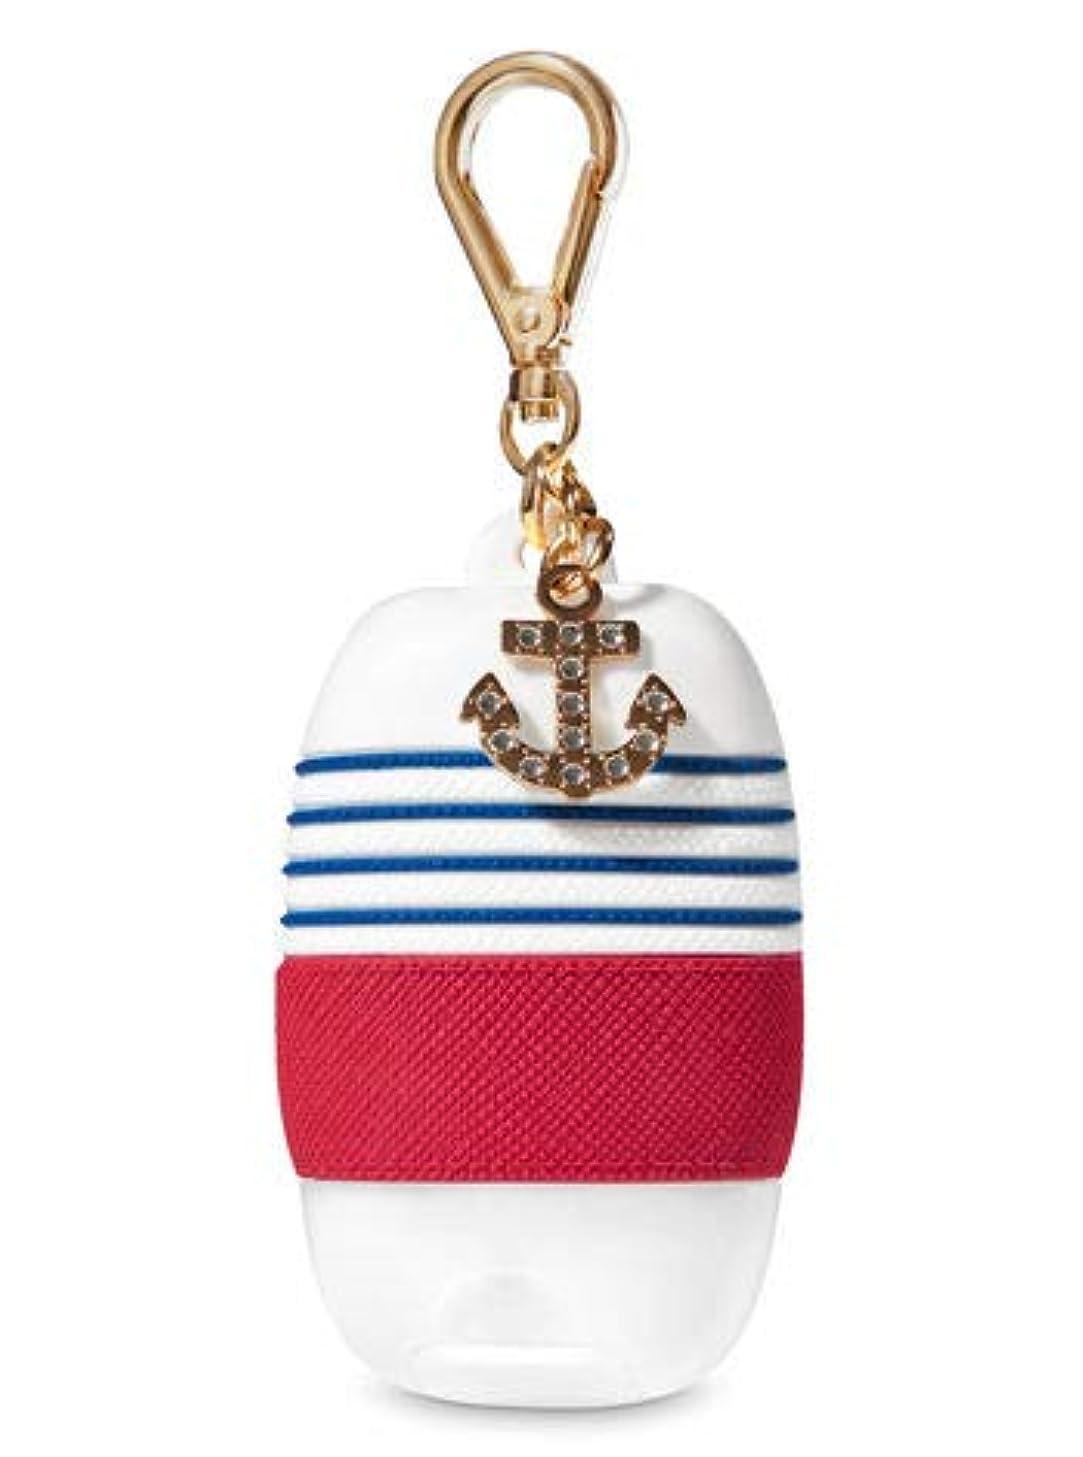 カリキュラム花弁サーフィン【Bath&Body Works/バス&ボディワークス】 抗菌ハンドジェルホルダー セーラーチック Pocketbac Holder Sailor Chic [並行輸入品]